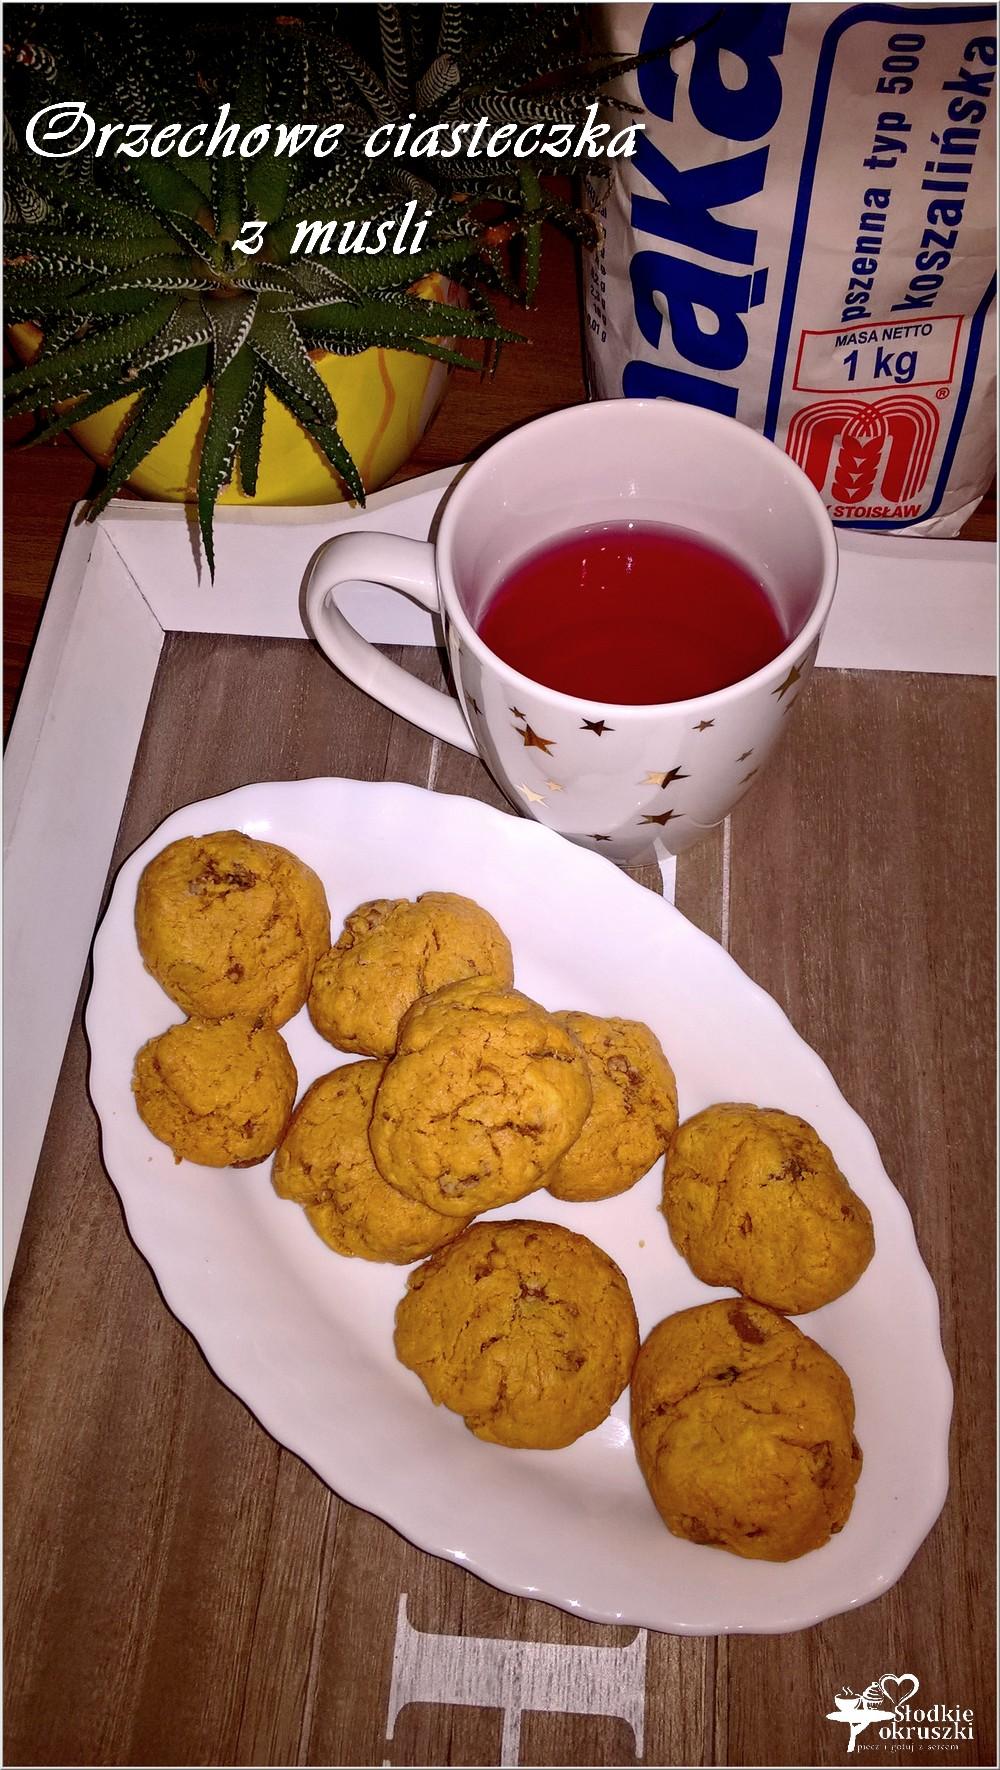 Orzechowe ciasteczka z musli (szybkie) (4)